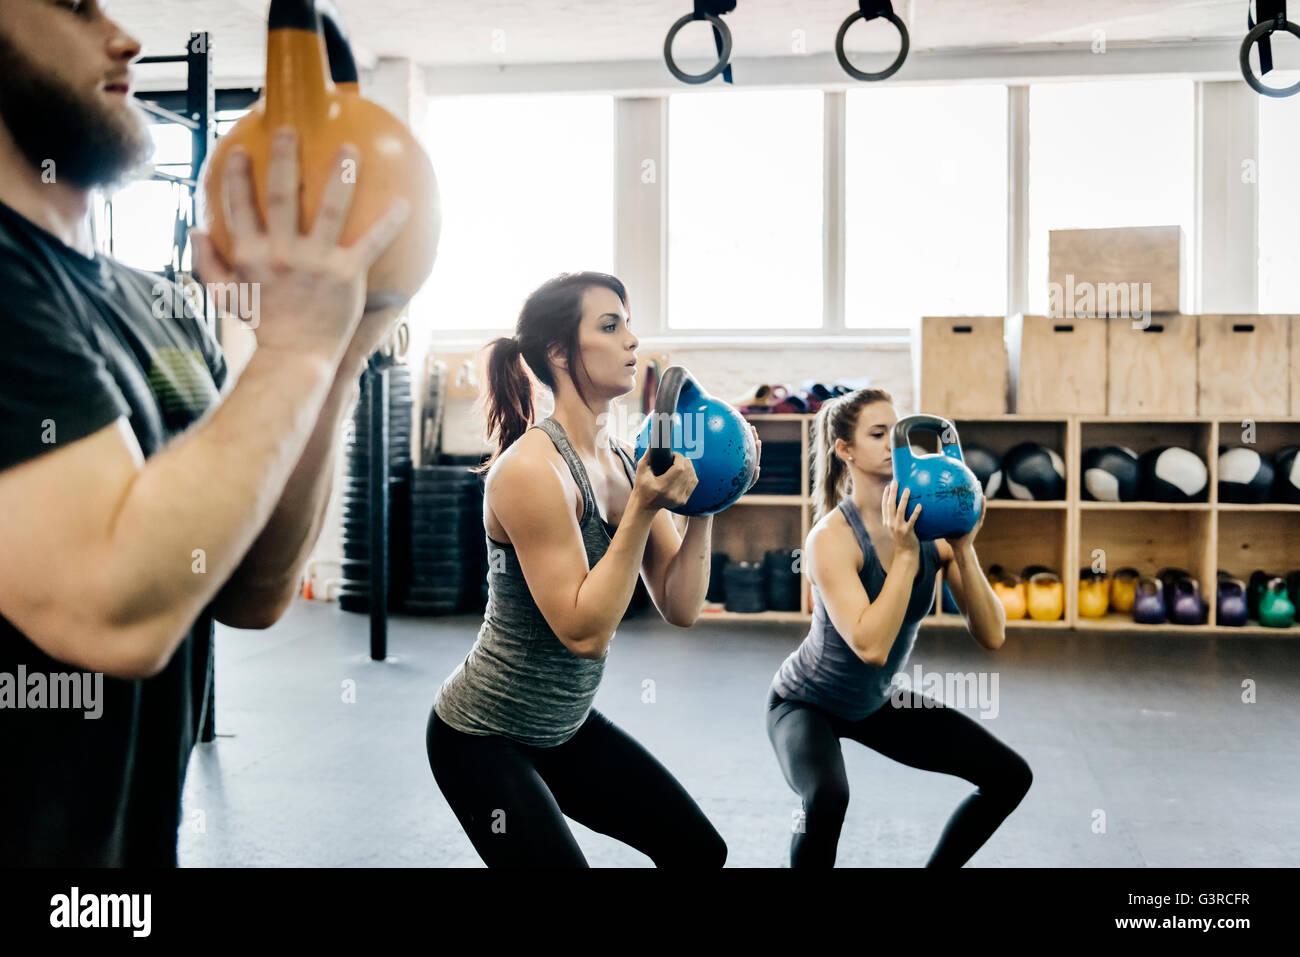 Deutschland, junge Frauen und Mann cross-Training mit Kettlebells in Turnhalle Stockfoto